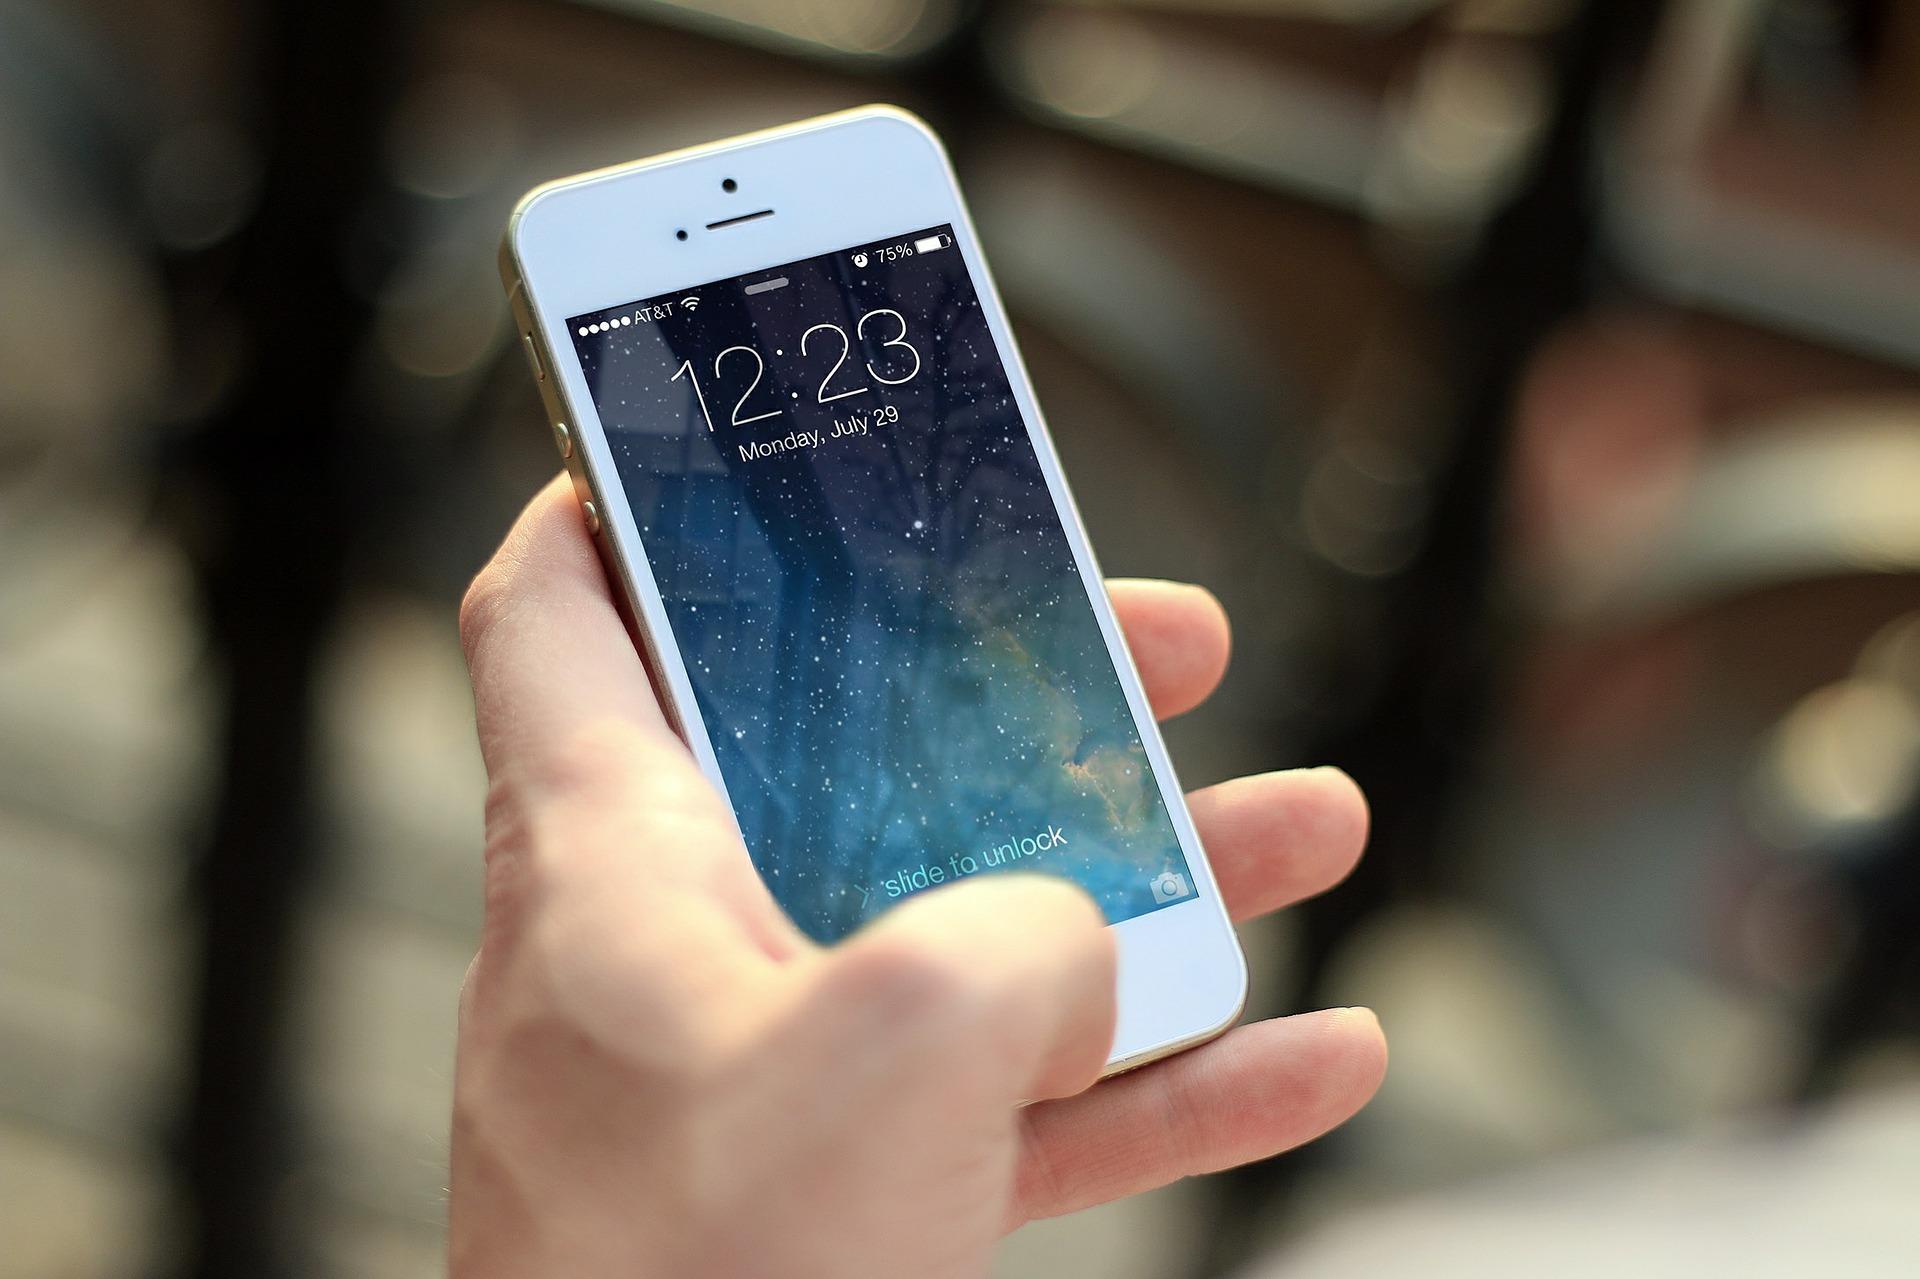 iPhone7の重さと大きさを6・8・Xと徹底比較!ケースのサイズや容量も!